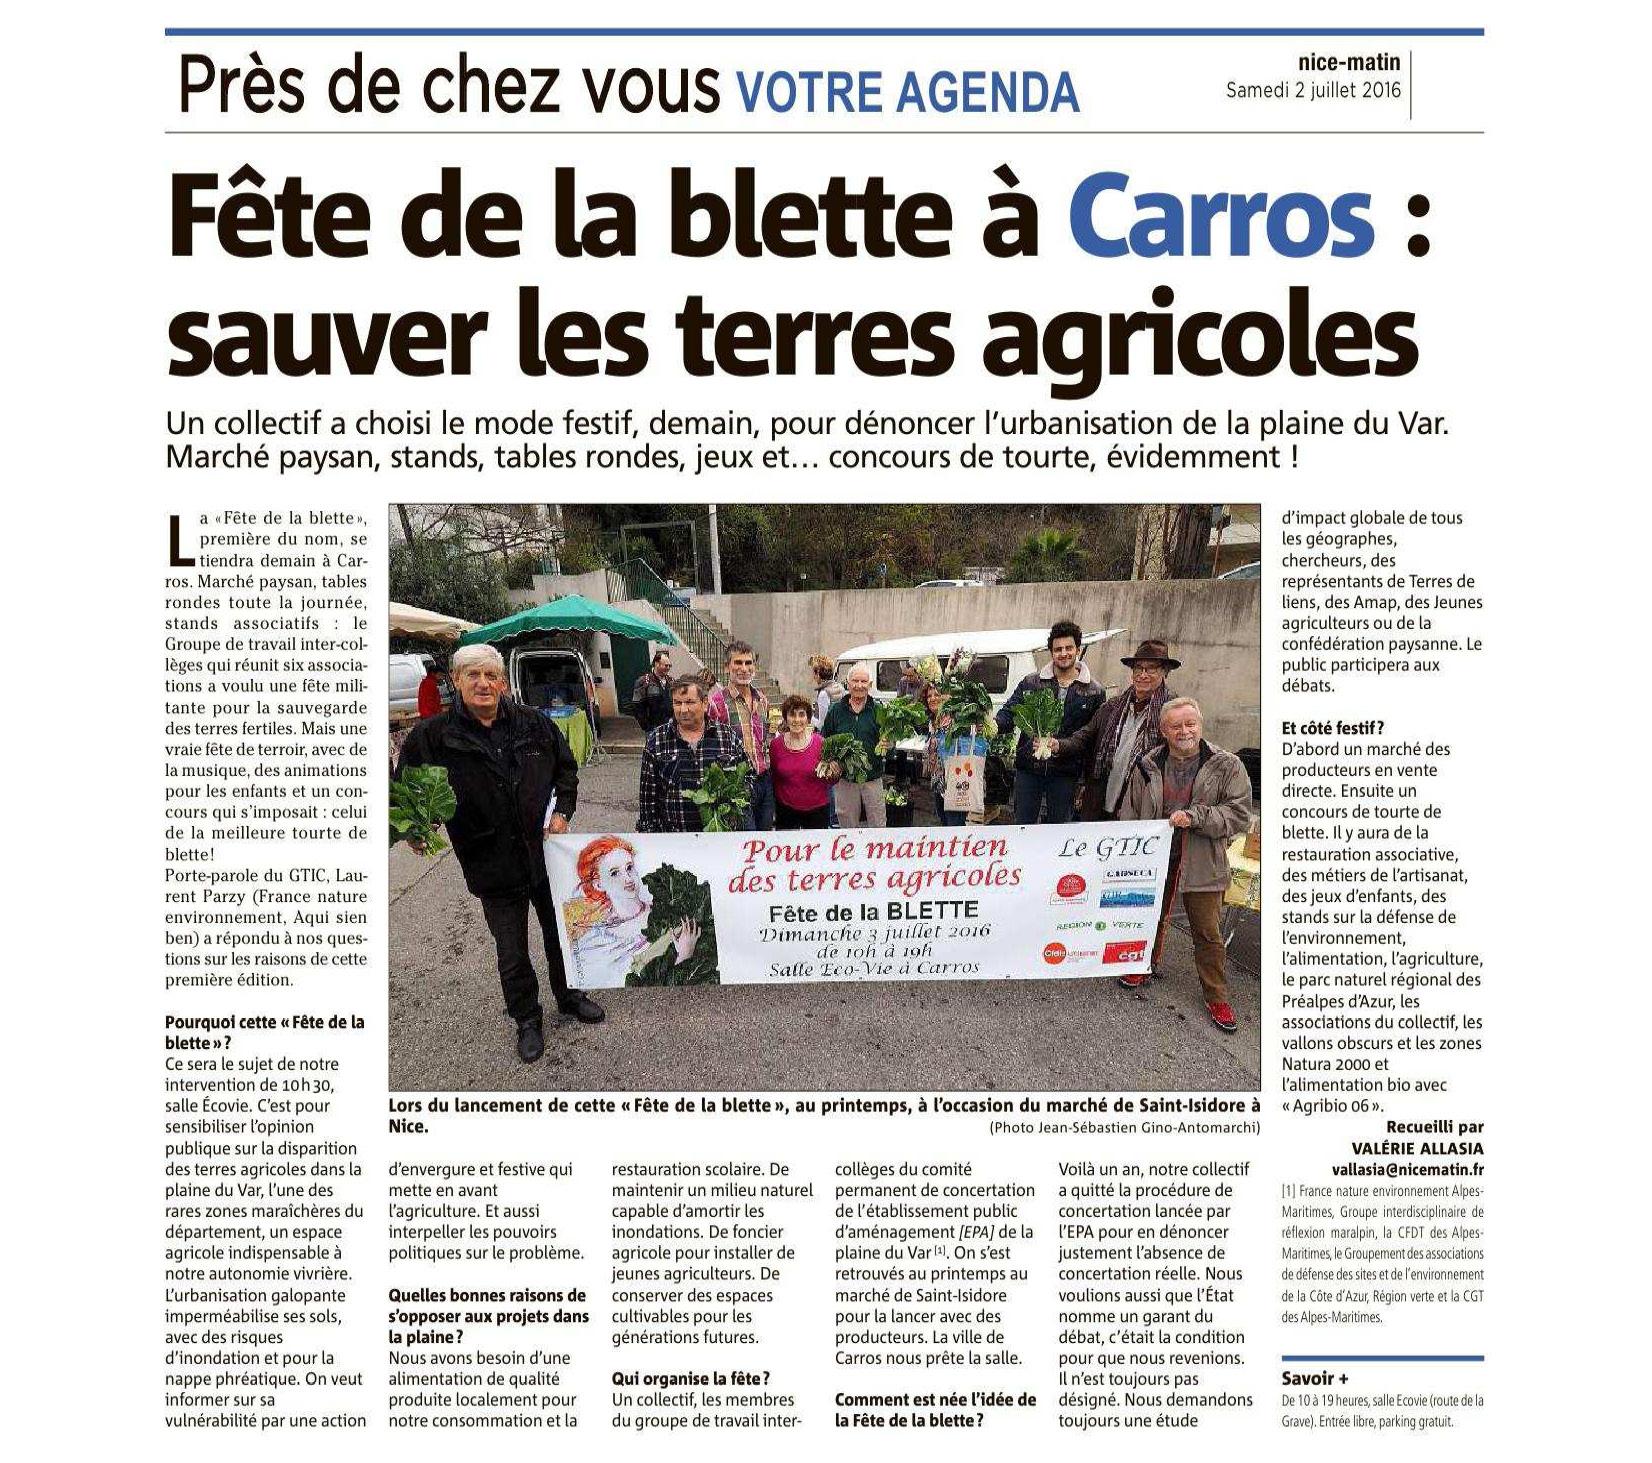 Fête de la blette à Carros : sauver les terres agricoles [Article : Nice Matin, le 2/07/2016]